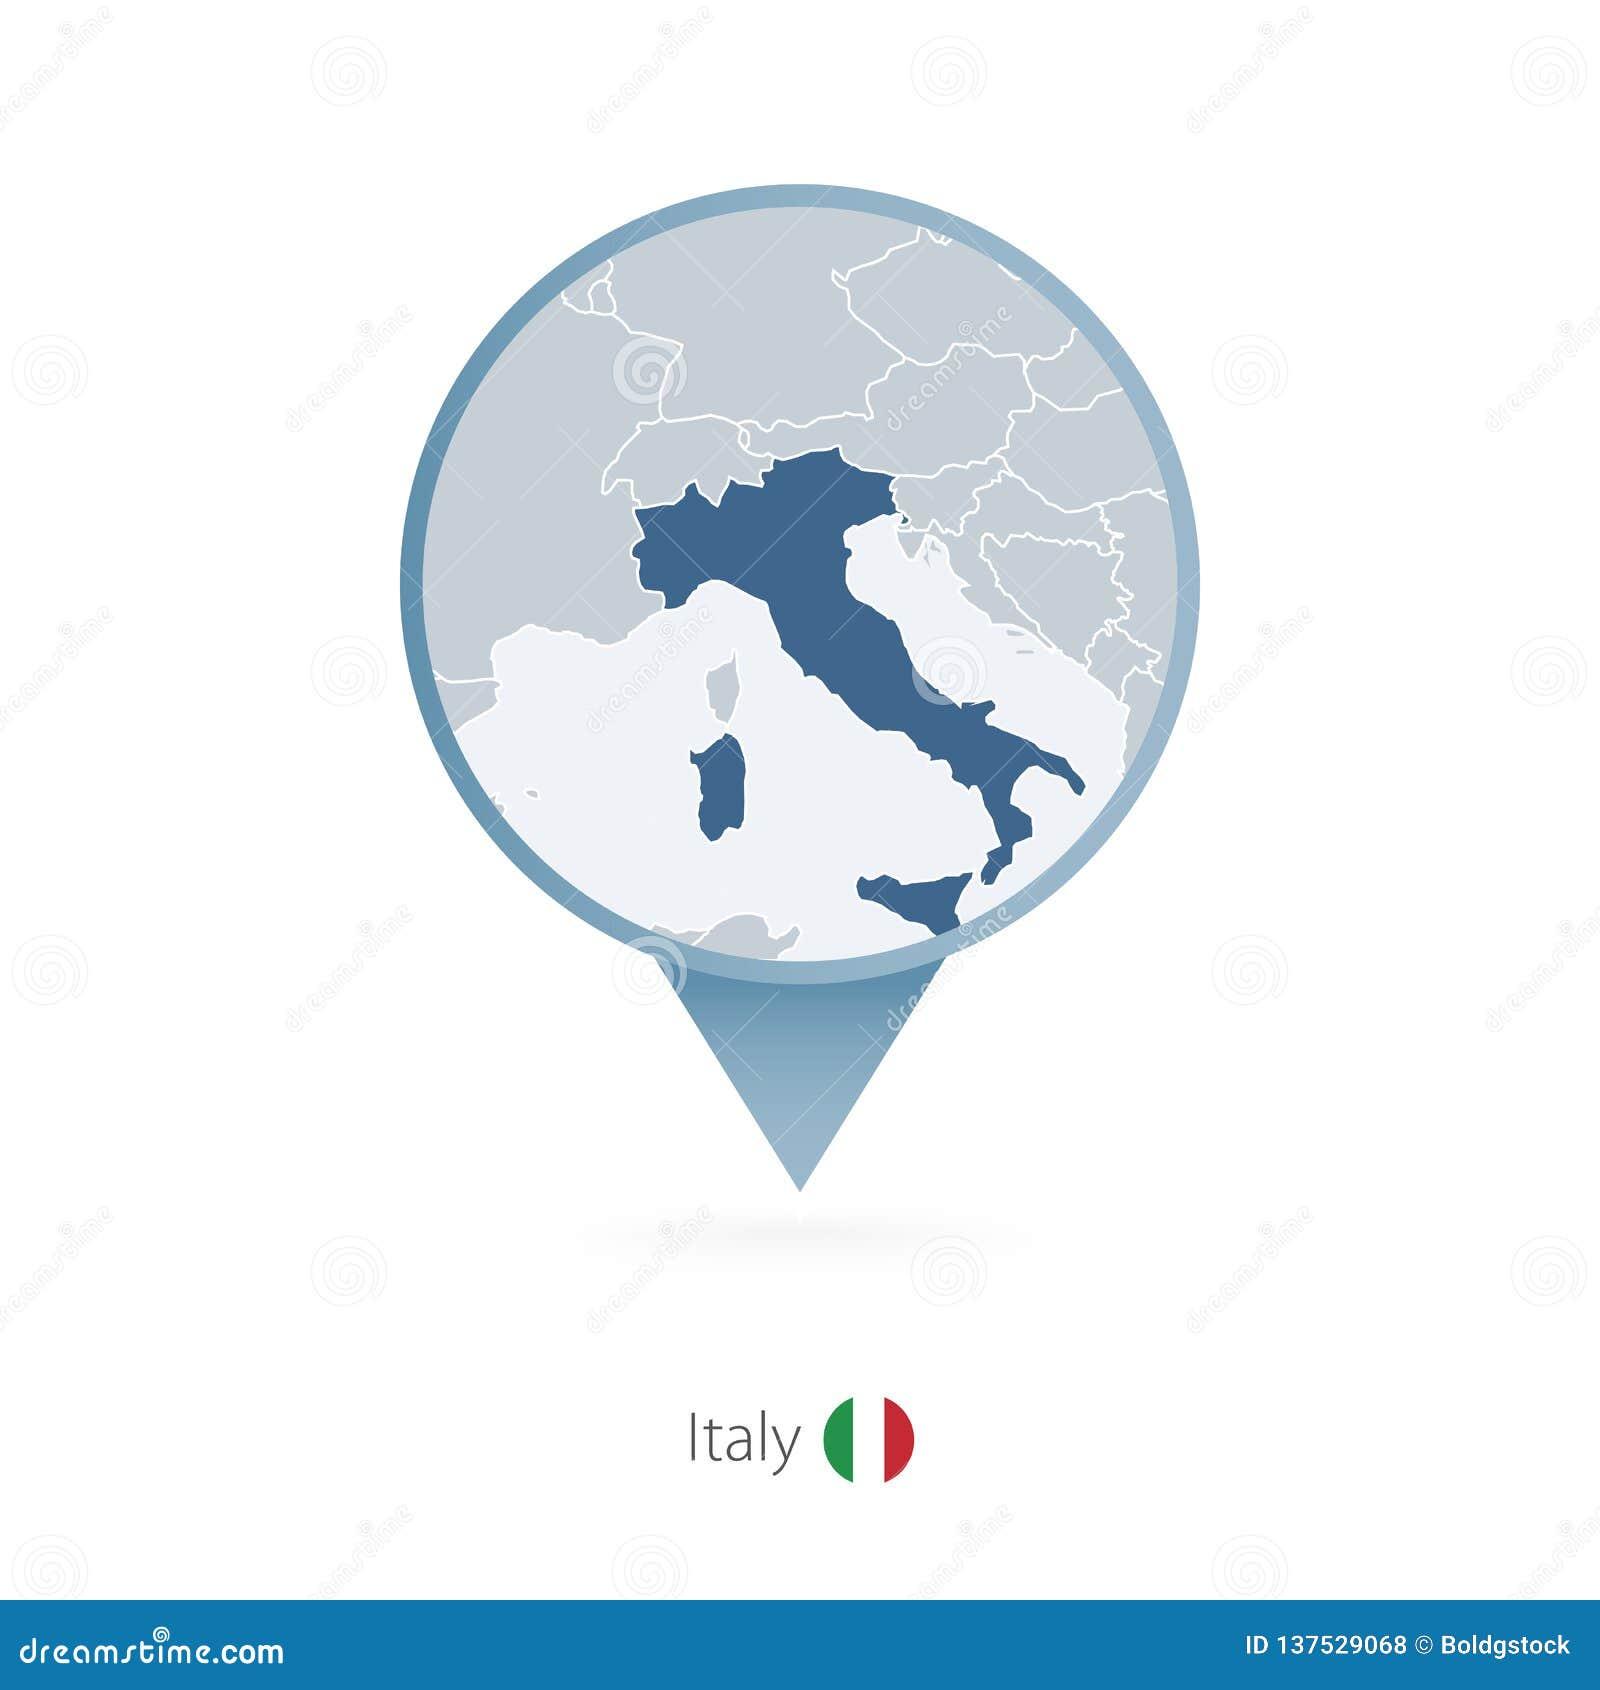 Perno del mapa con el mapa detallado de Italia y de países vecinos